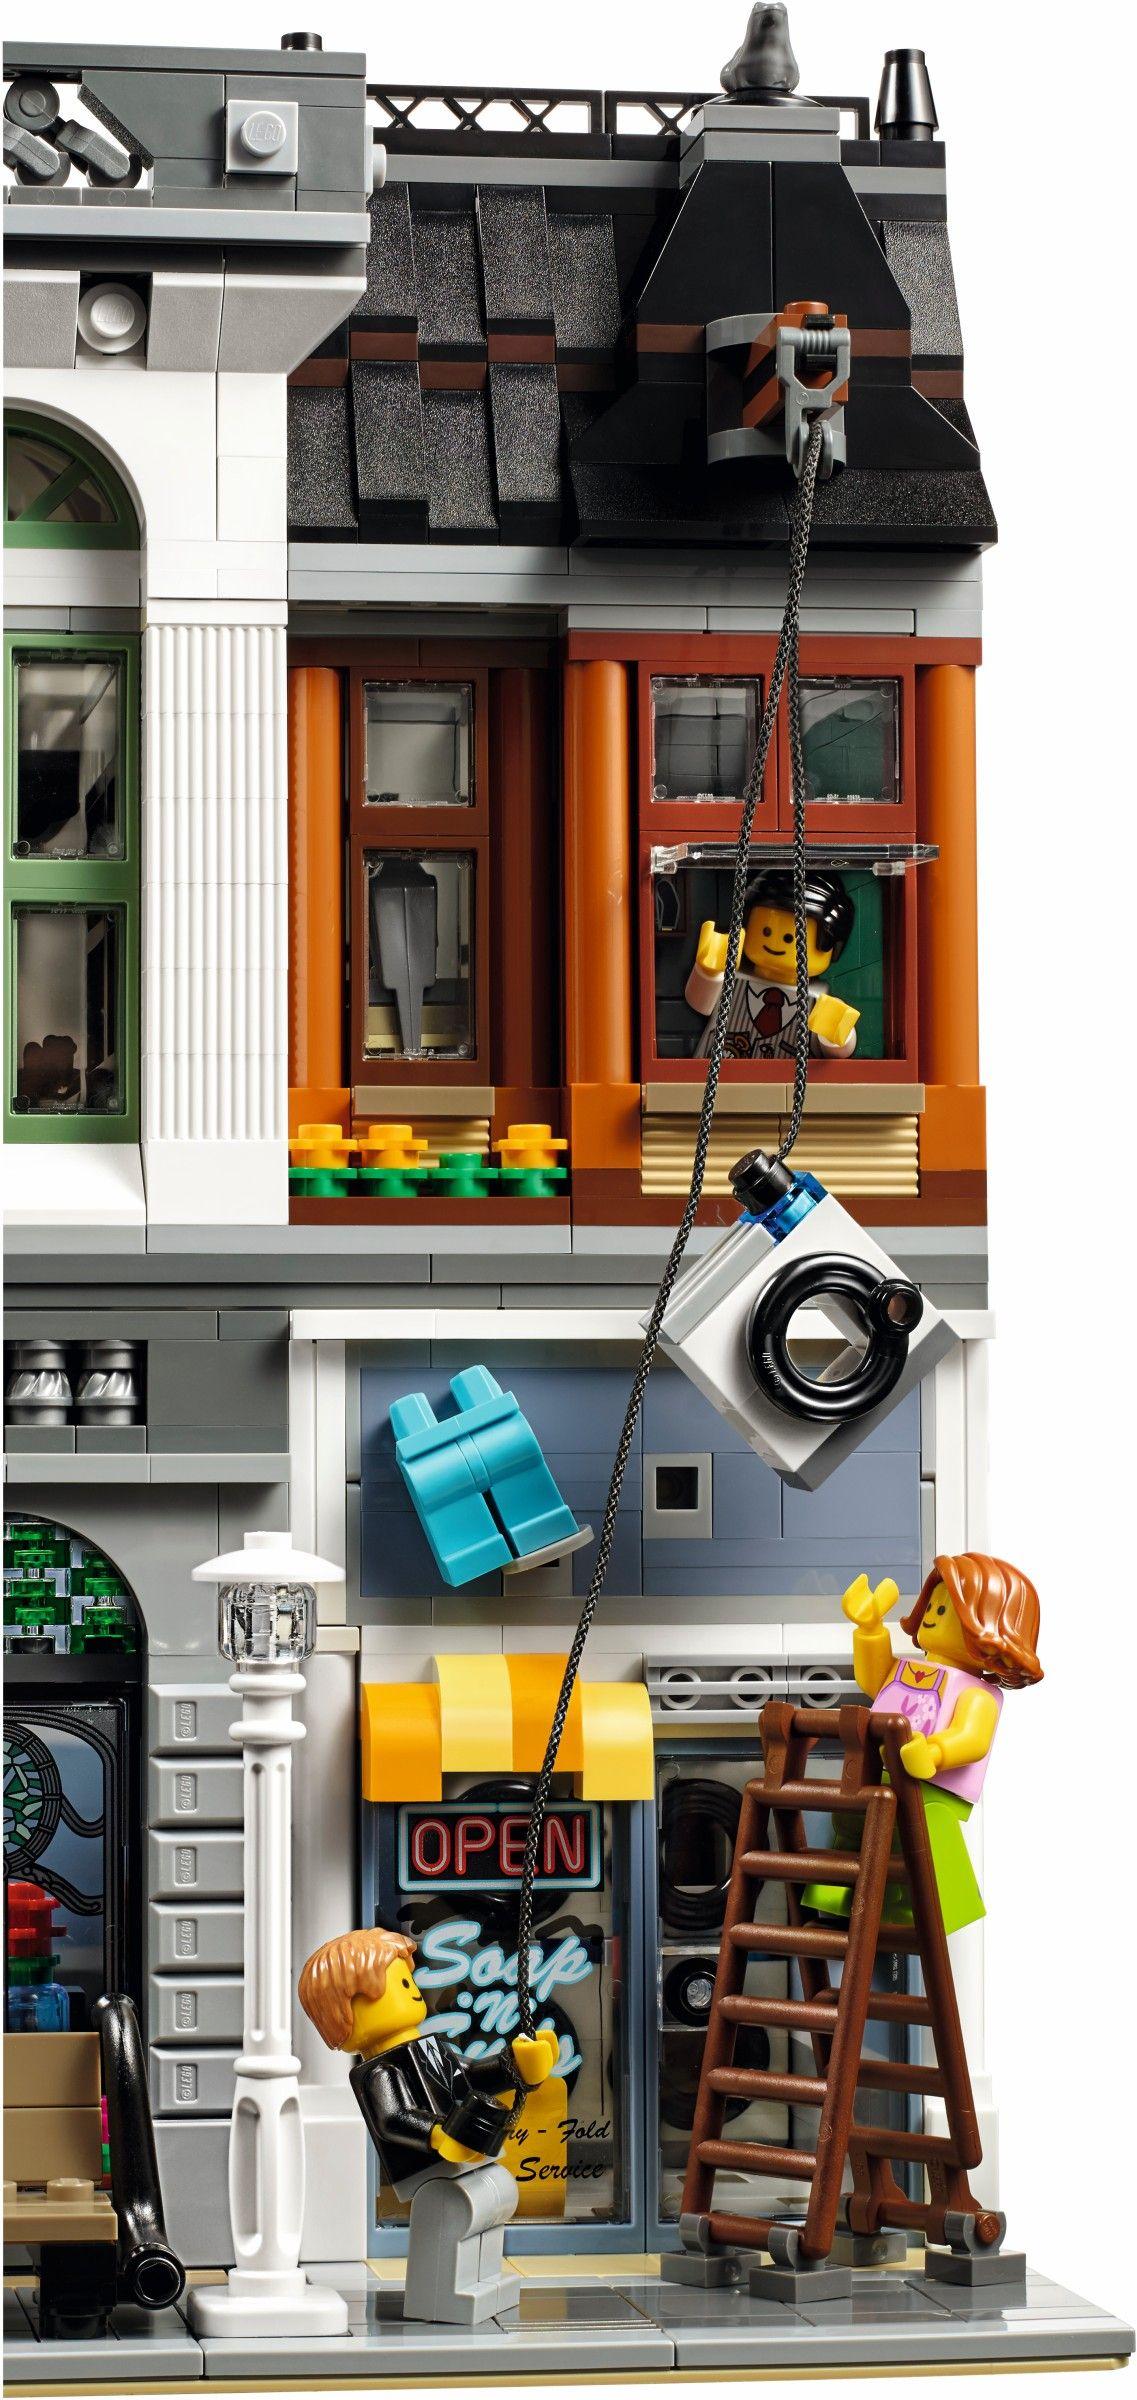 102511 Brick Bank Lego, Lego design, Lego architecture